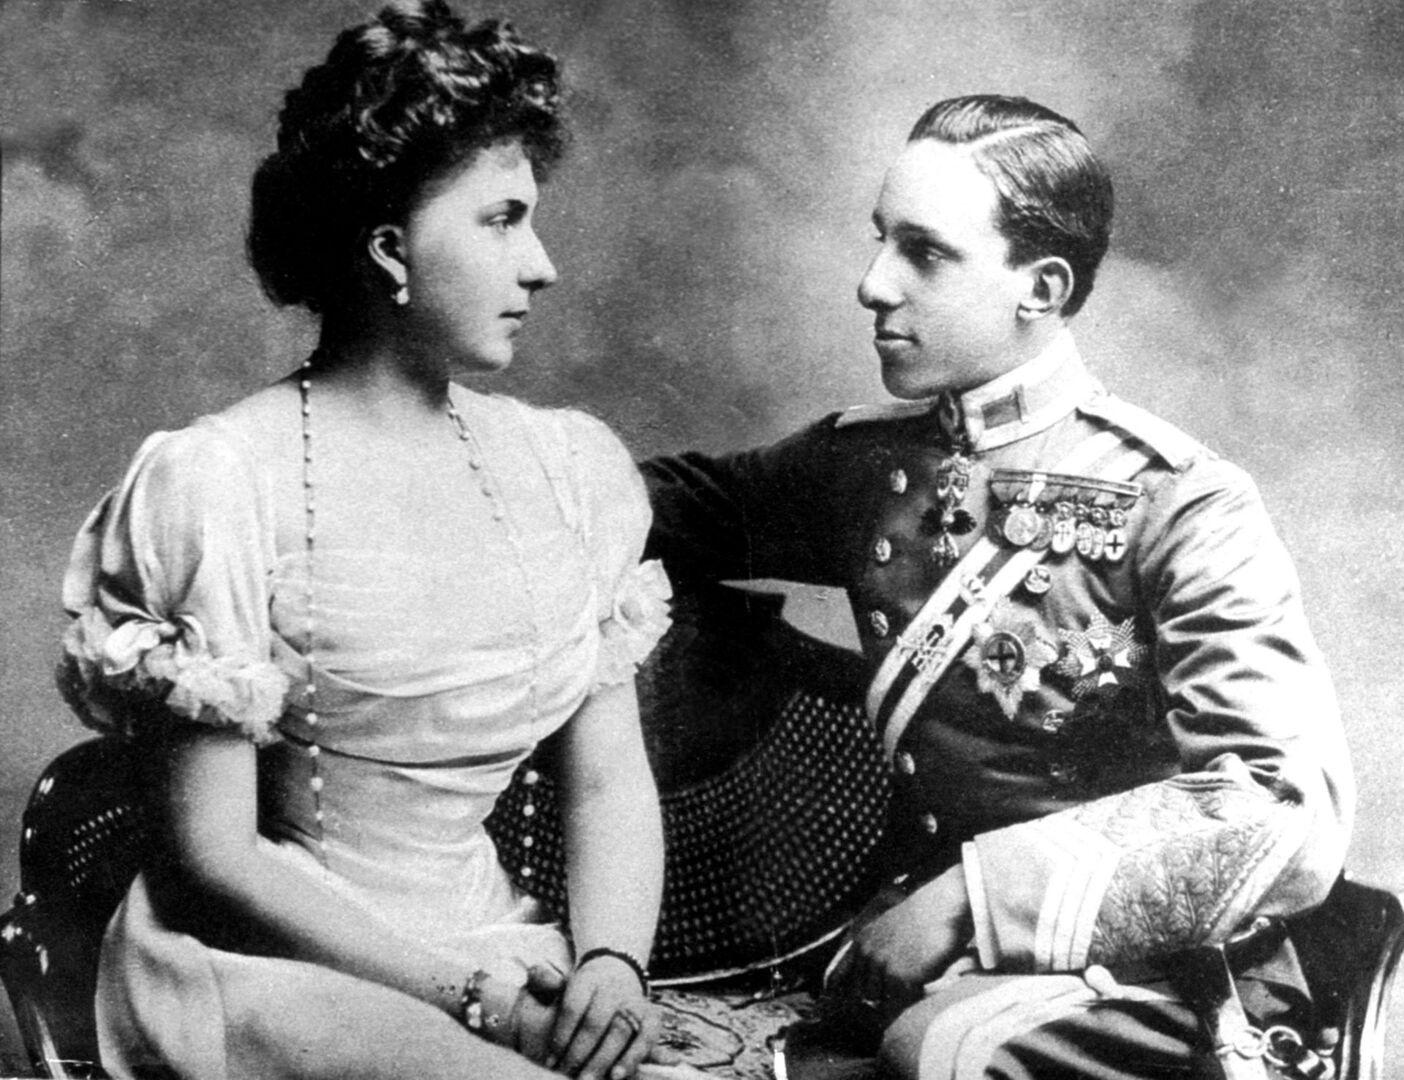 Indifelidades, enfermedades, exilio... la desdichada vida de la reina Victoria Eugenia